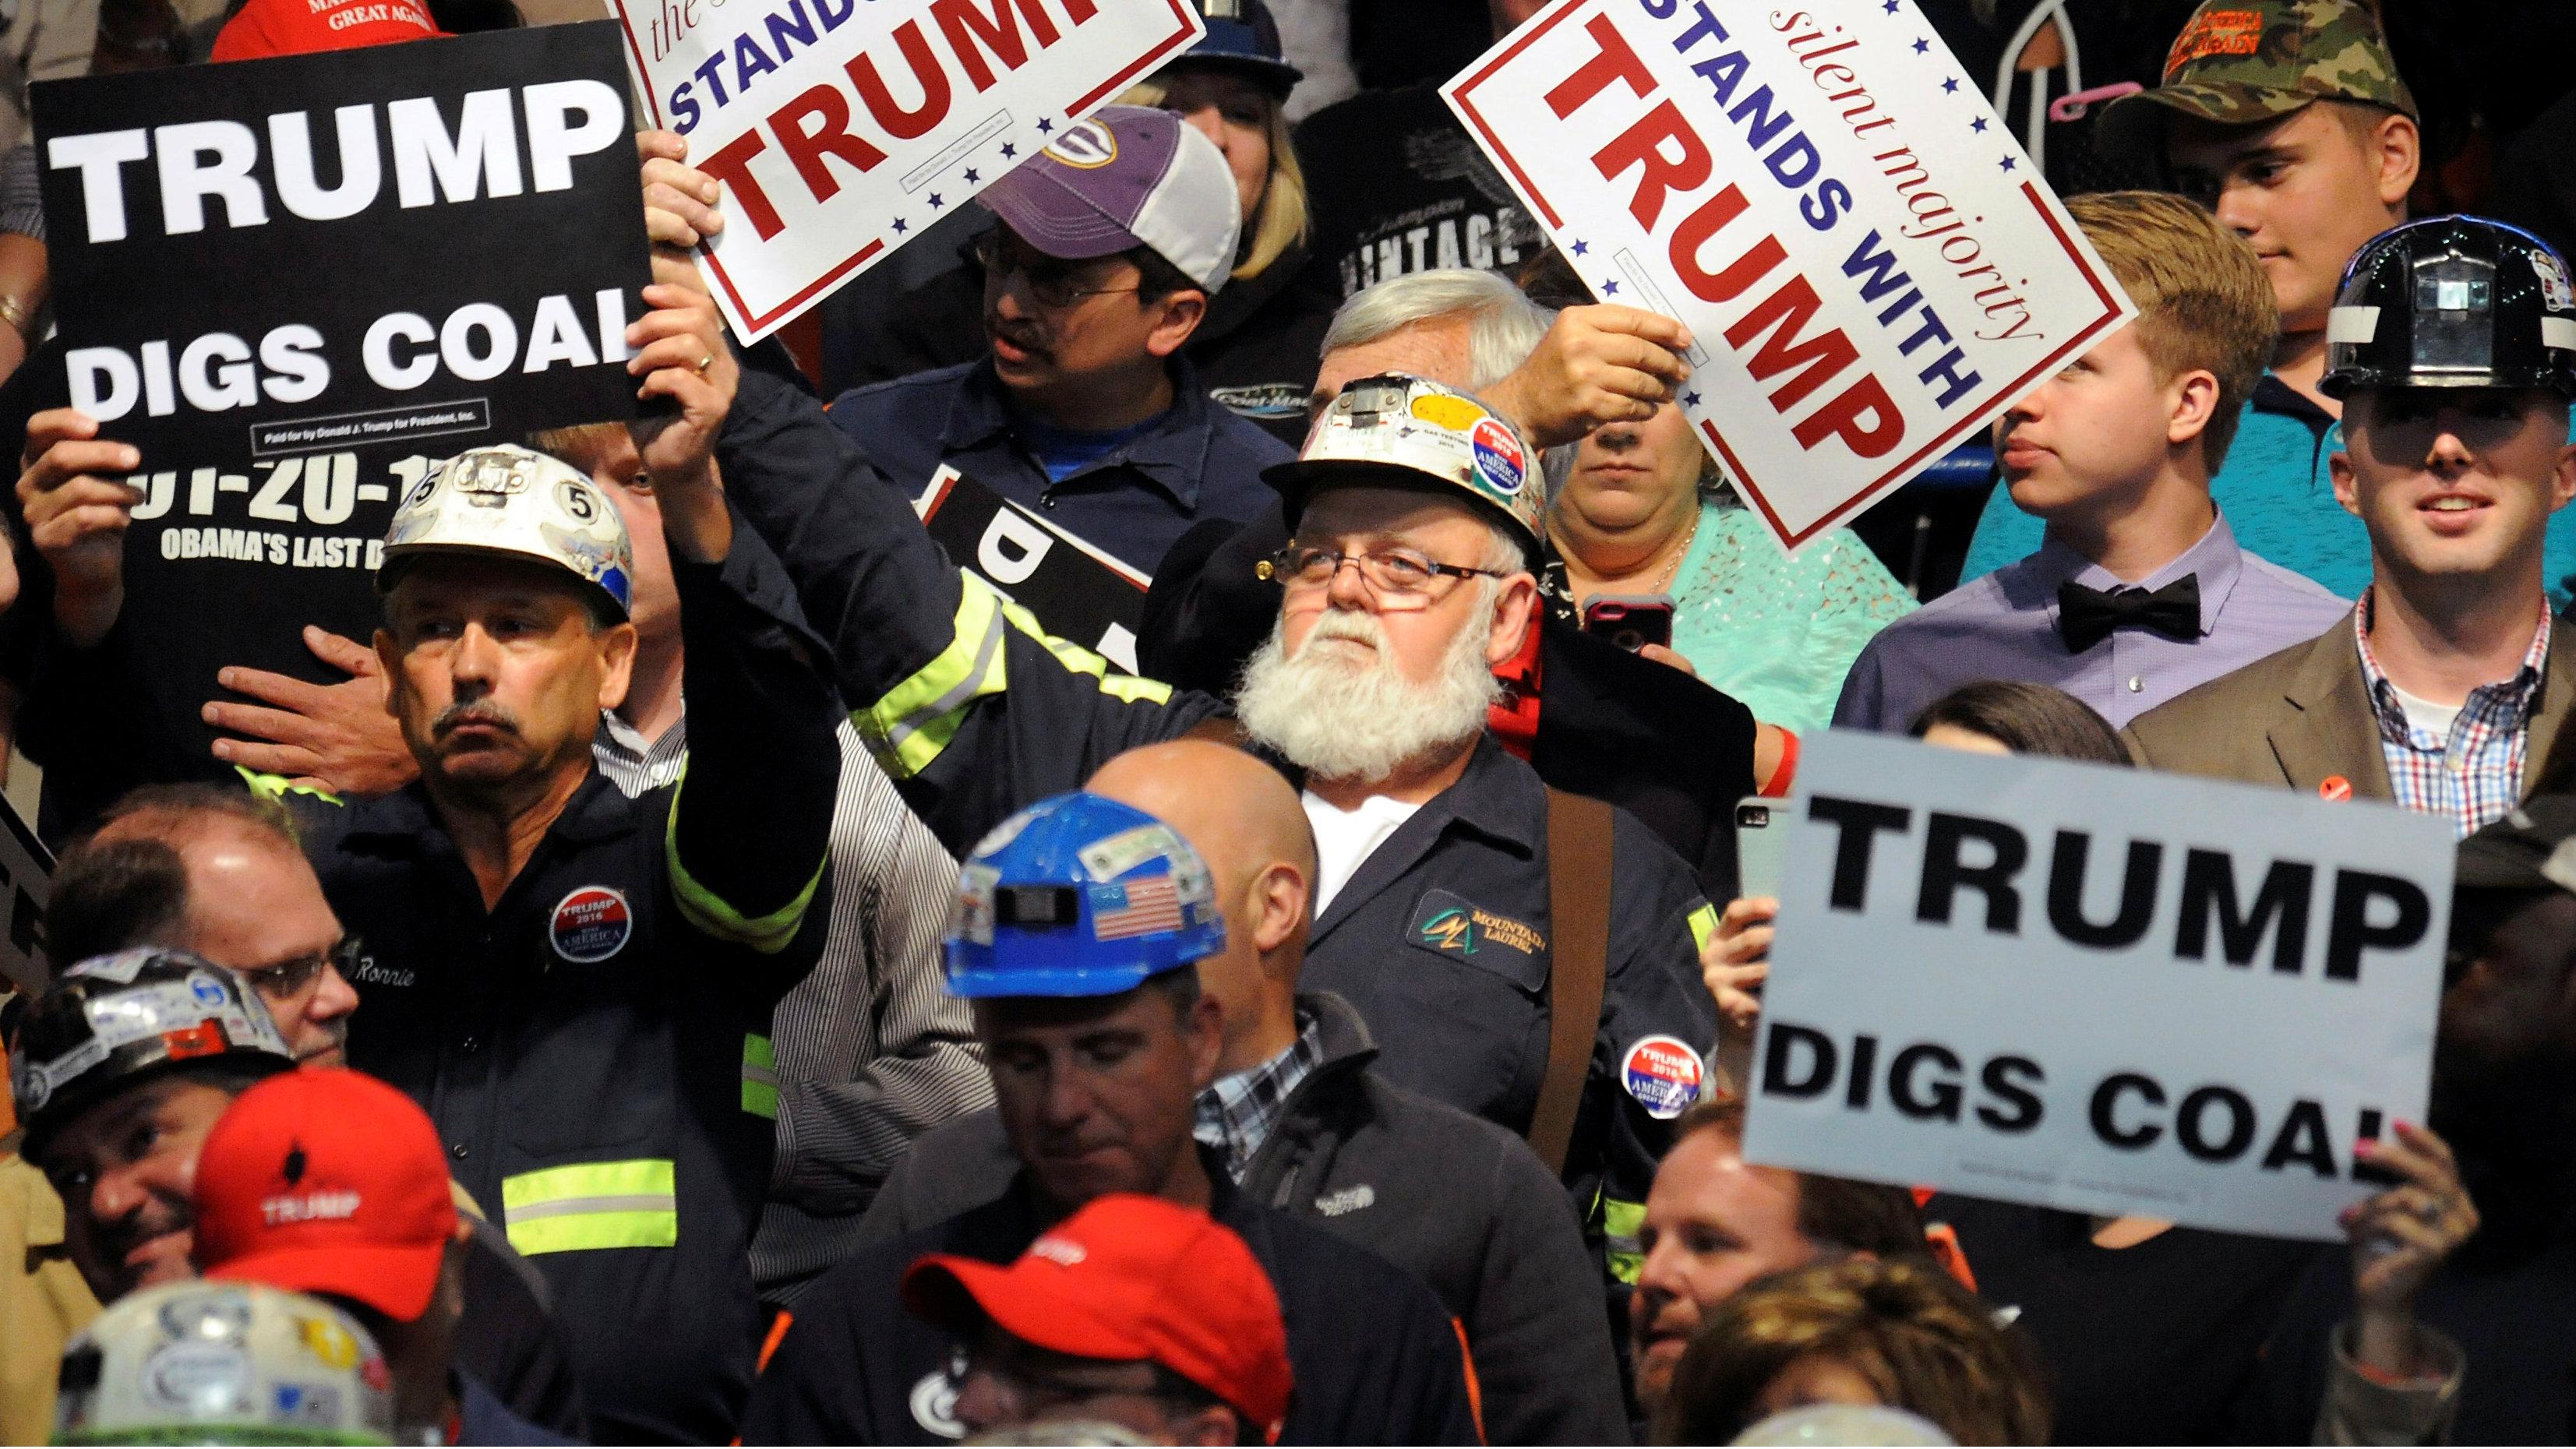 Trump digs coal signs